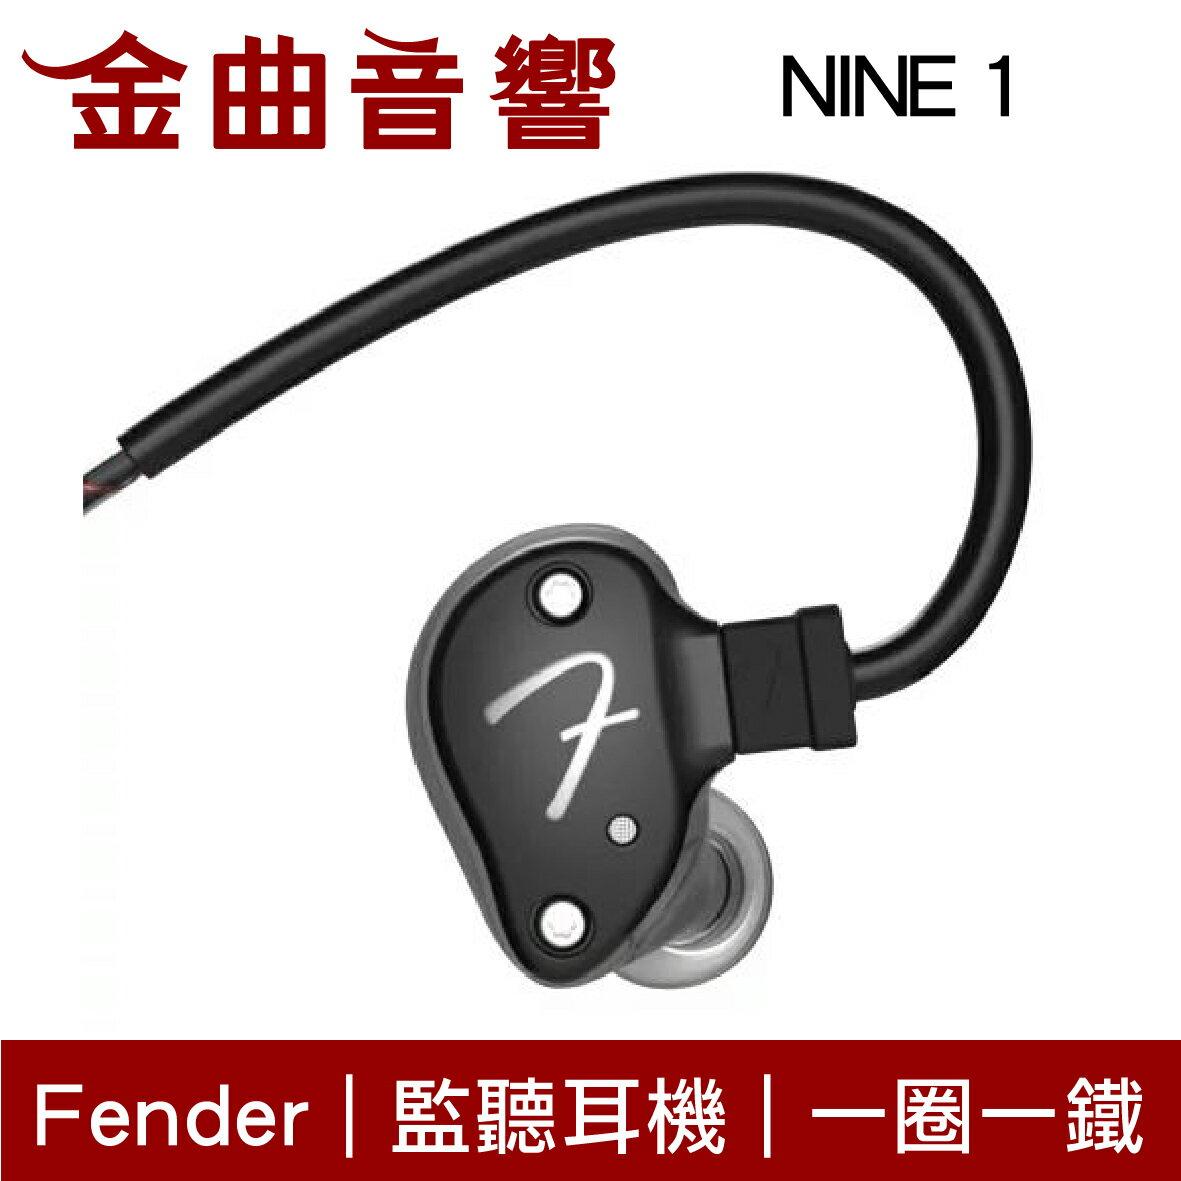 Fender Nine 1 黑色 Pro IEM 監聽耳機 Nine1 金曲音響